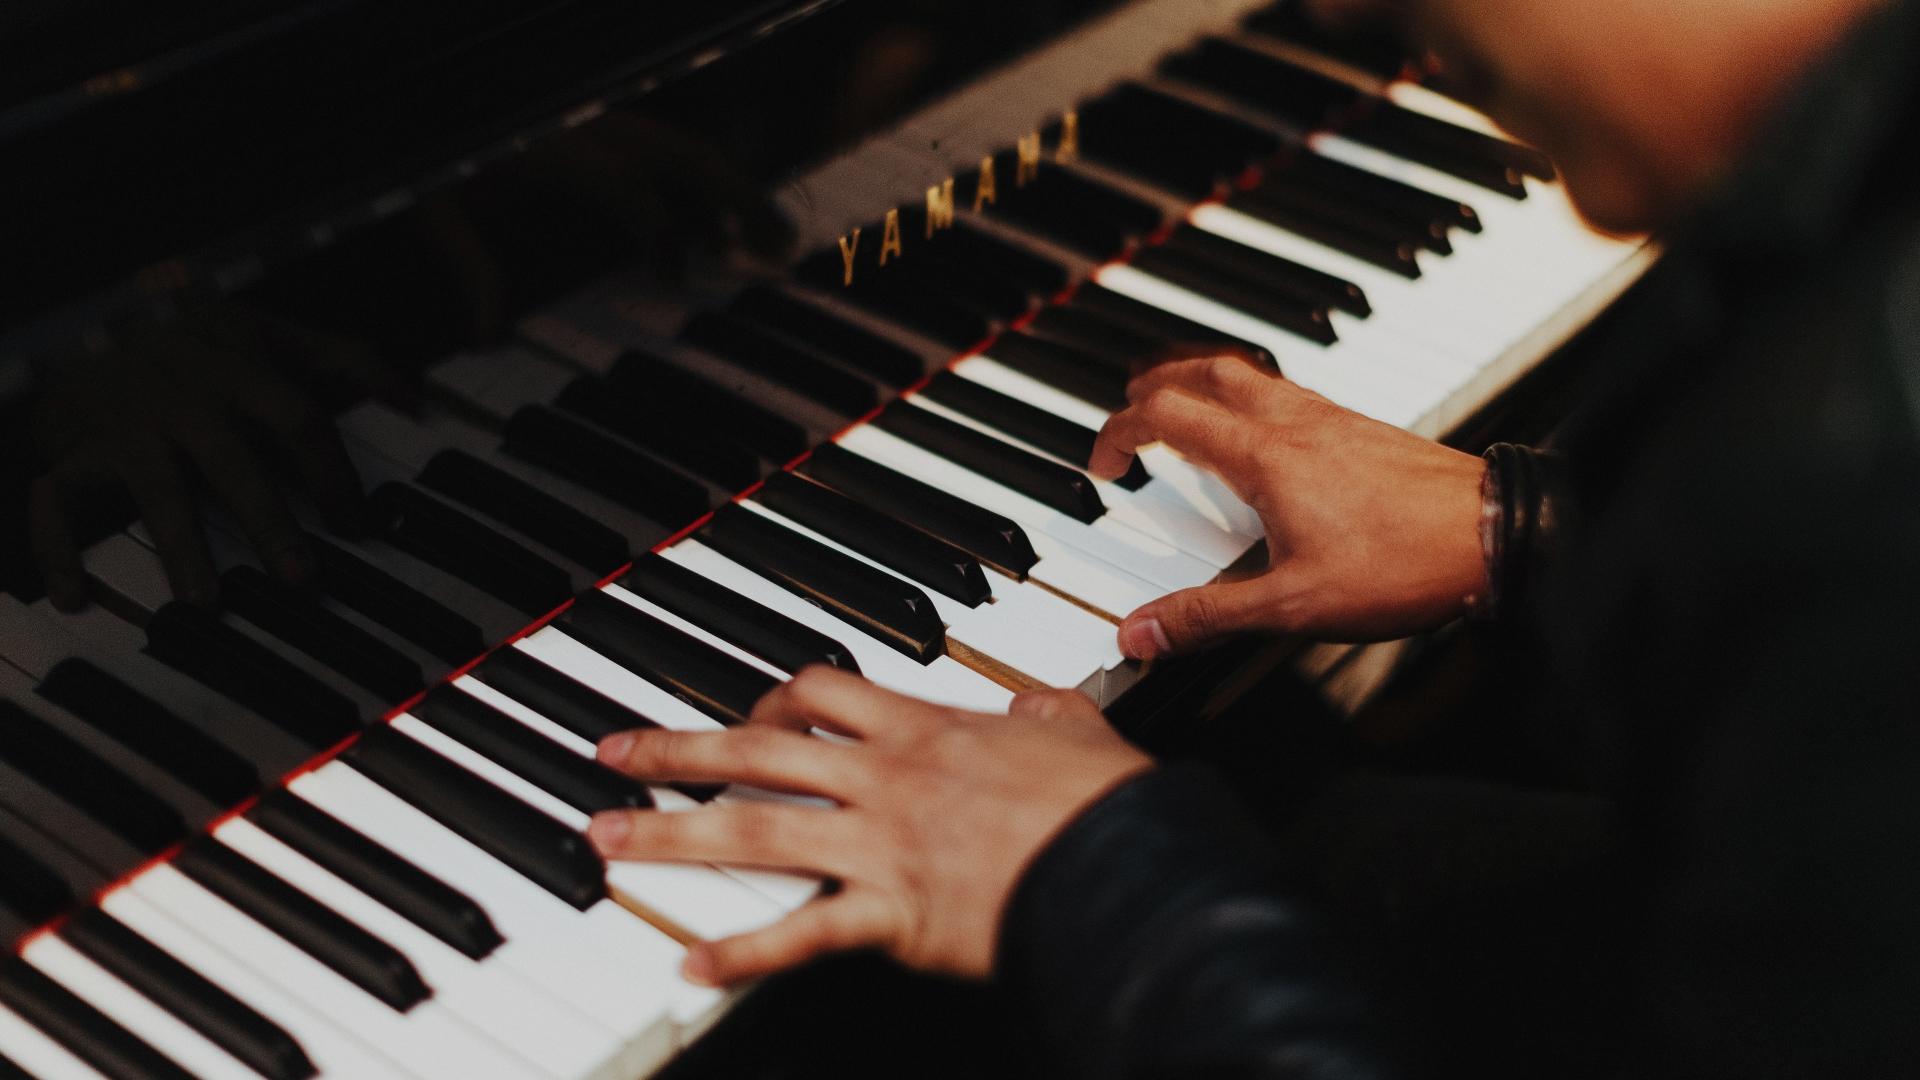 Klavier, Musik, Tango, unsplash.com, Gabruel Gurrola